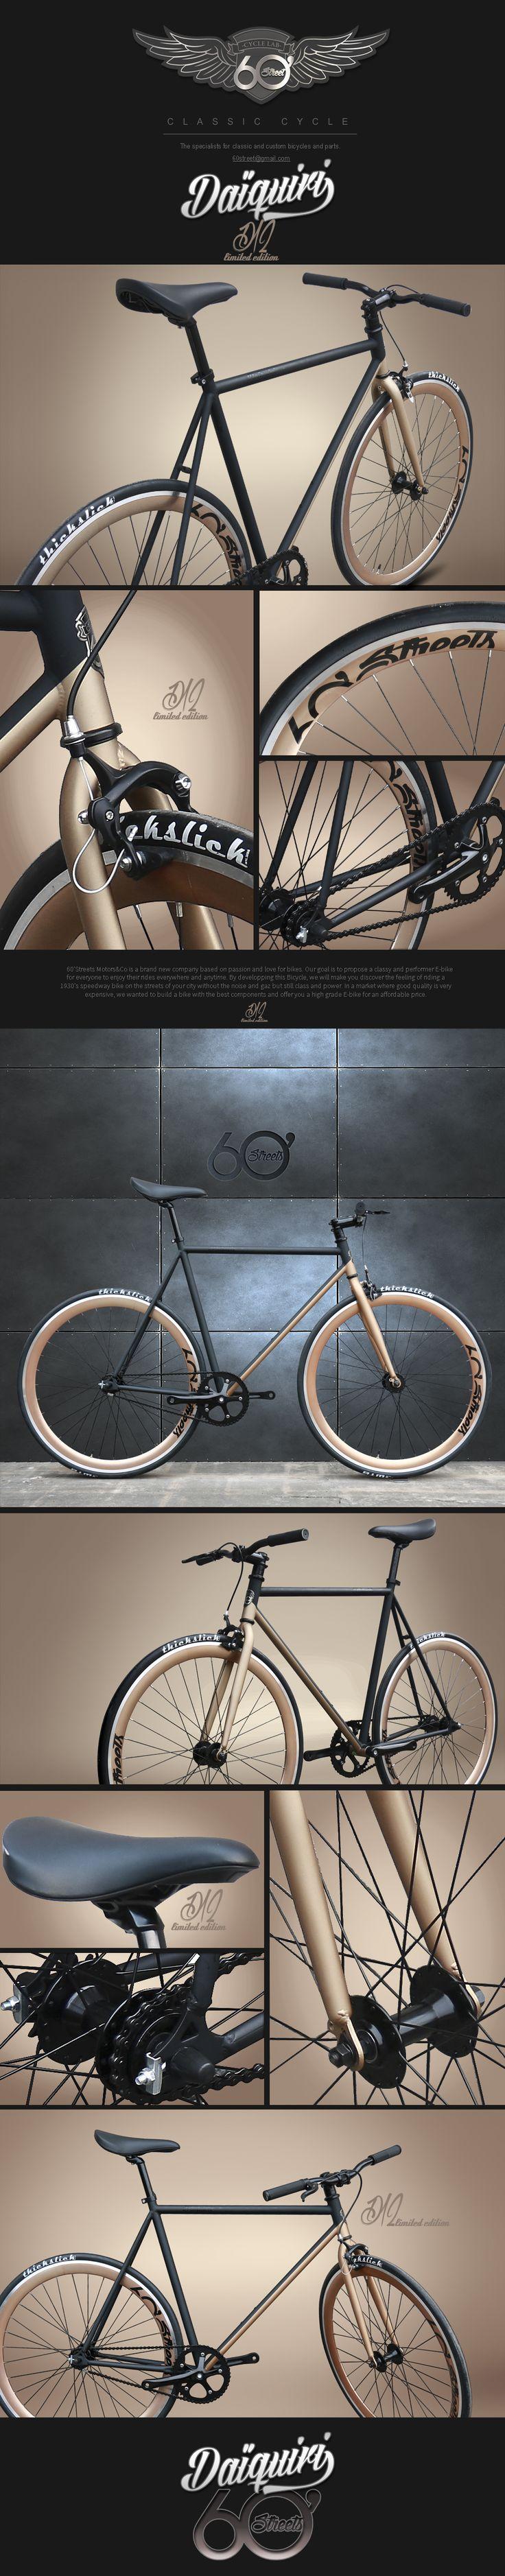 Daiquiri D12 LE - 60 Street Cycles